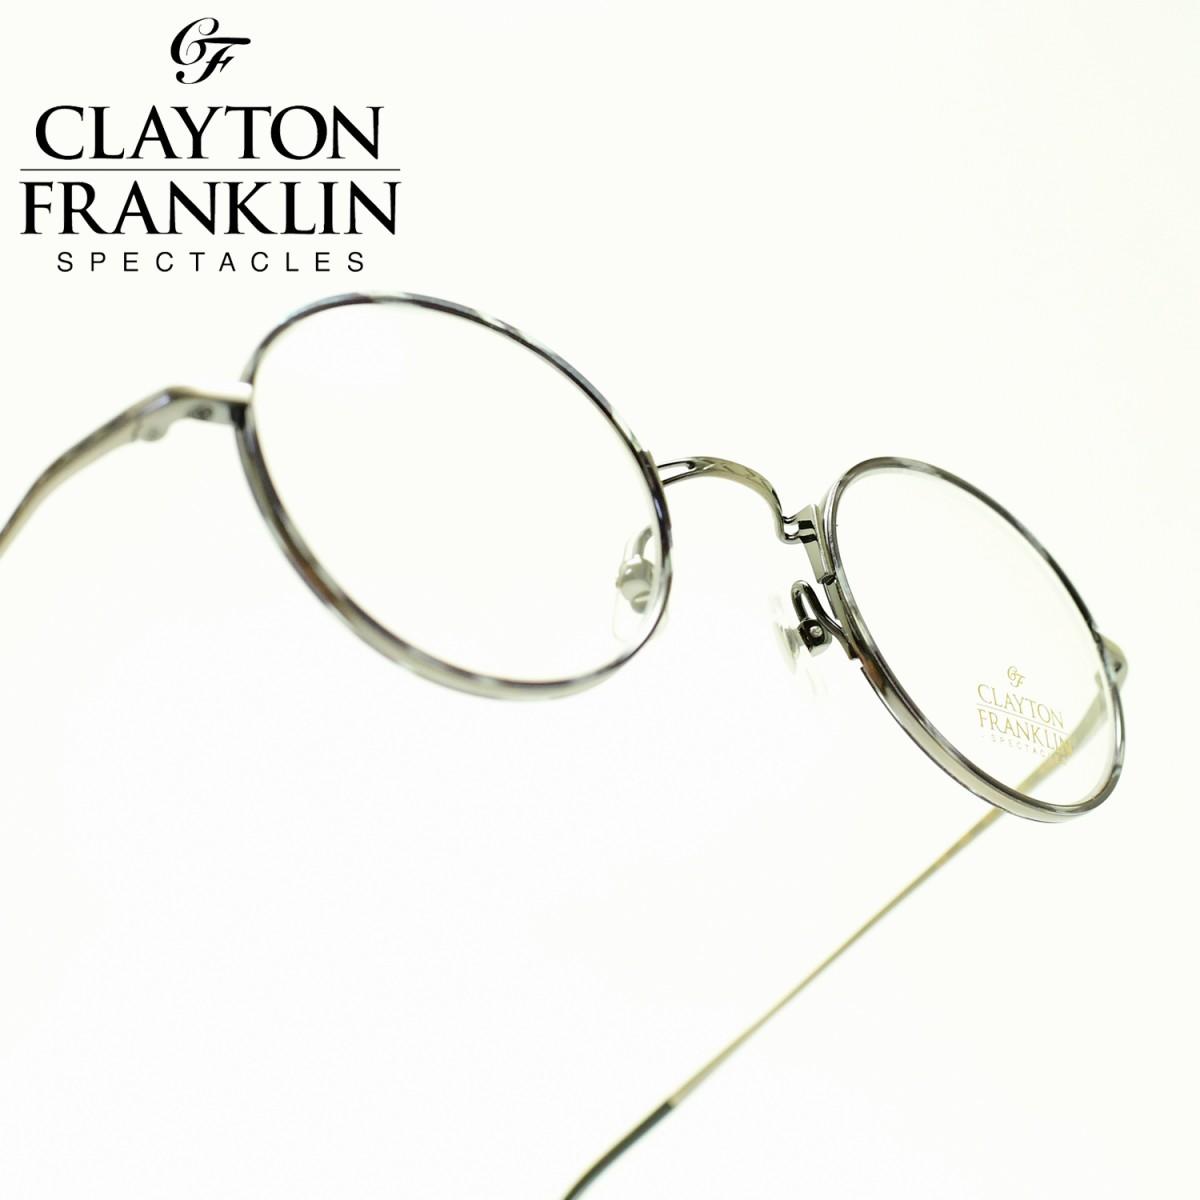 CLAYTON FRANKLIN クレイトンフランクリン636 AS(アンティークシルバー/デモレンズ)メガネ 眼鏡 めがね メンズ レディース おしゃれブランド 人気 おすすめ フレーム 流行り 度付き レンズ